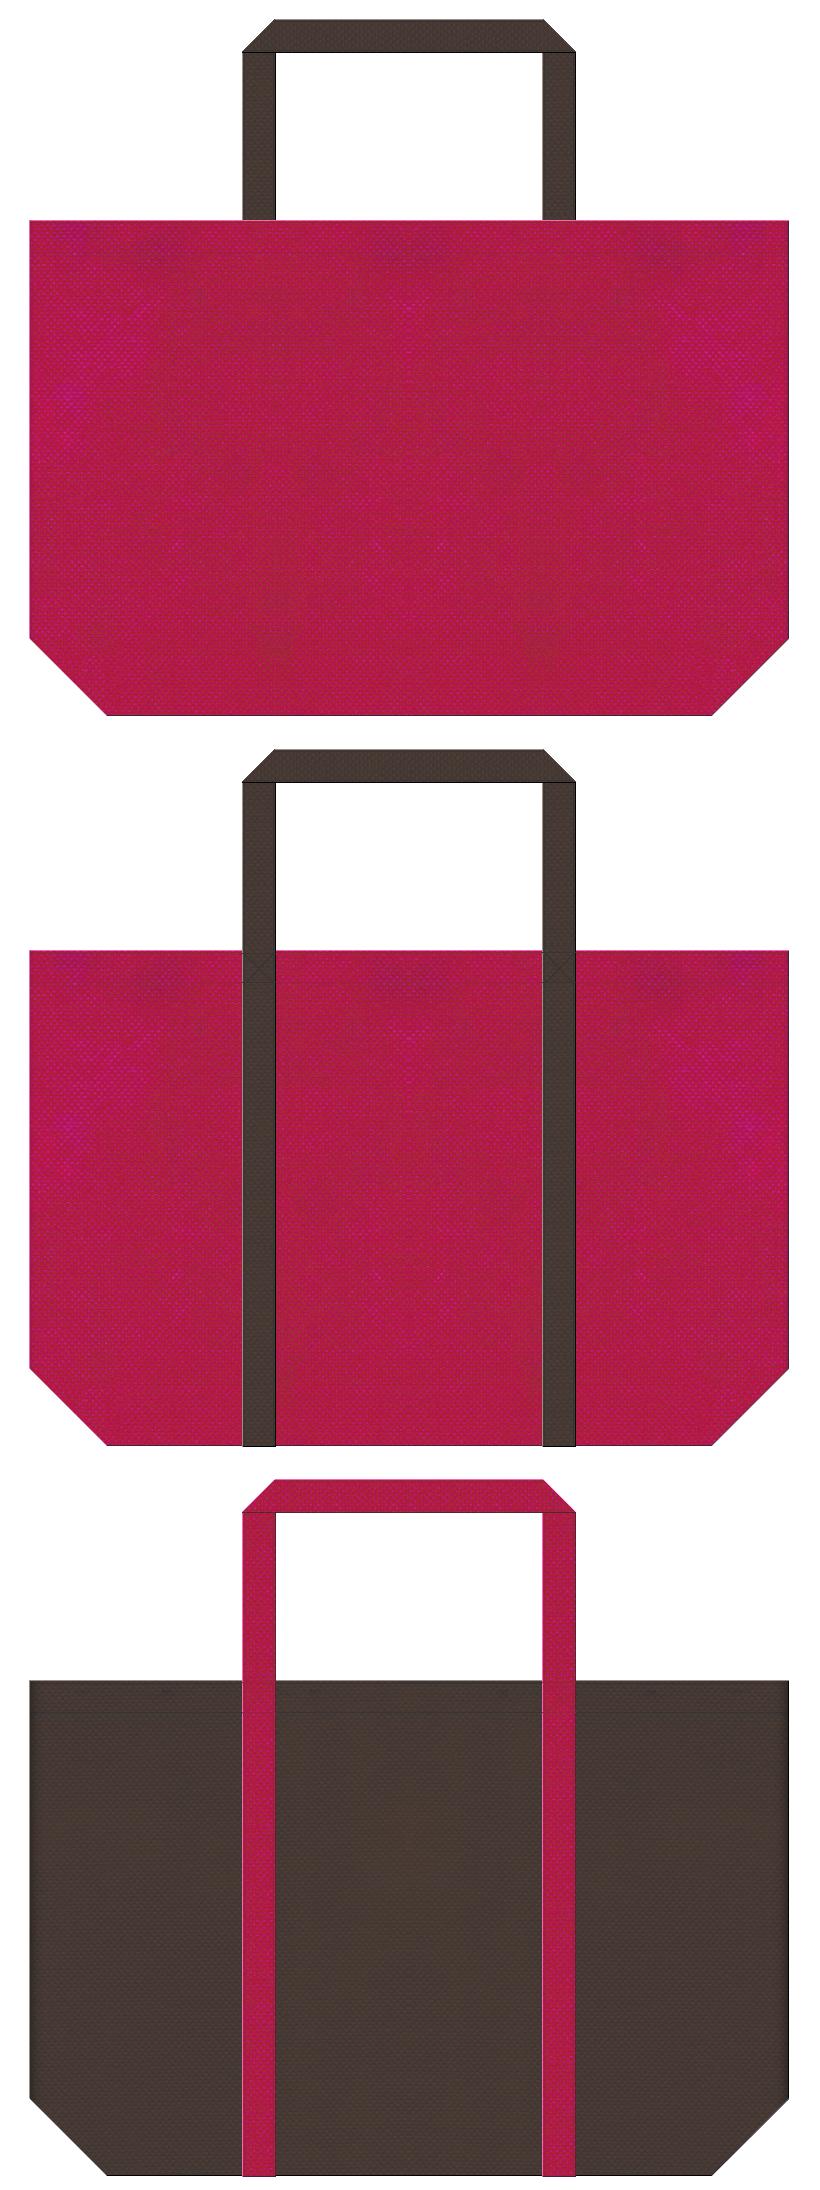 和風催事・振袖・梅・姫・ゲーム・ウィッグ・コスプレイベント・南国・ハワイアン・アロハシャツ・トロピカル・観光リゾート・トラベルバッグ・エステ・香水・ネイル・コスメのショッピングバッグにお奨めの不織布バッグデザイン:濃いピンク色とこげ茶色のコーデ